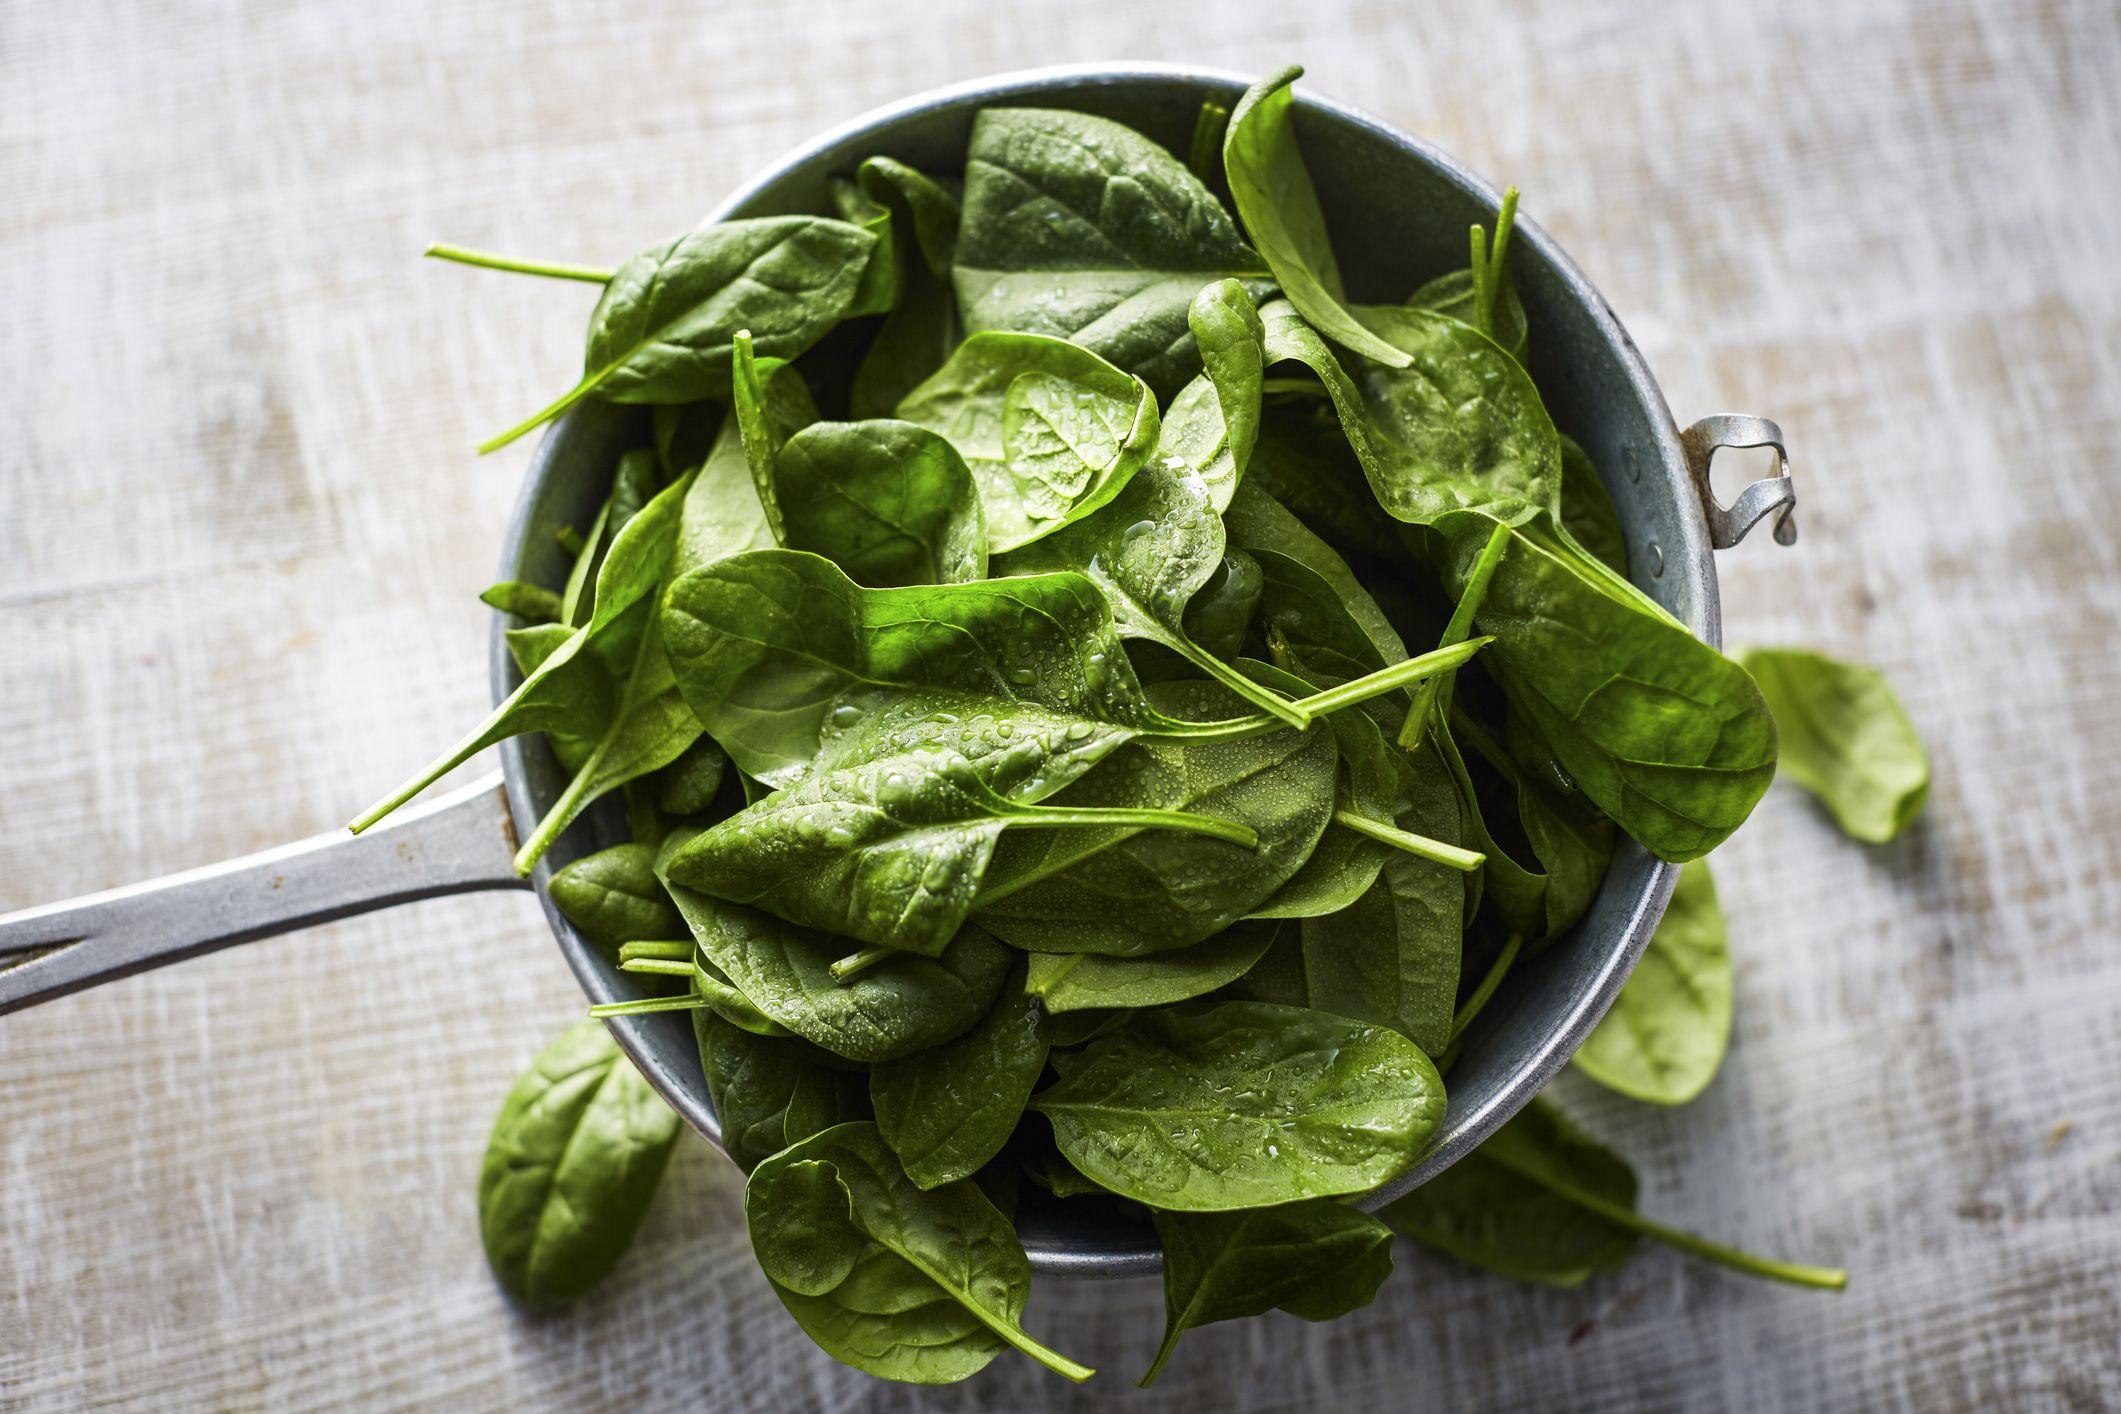 Thực phẩm rau màu xanh đậm